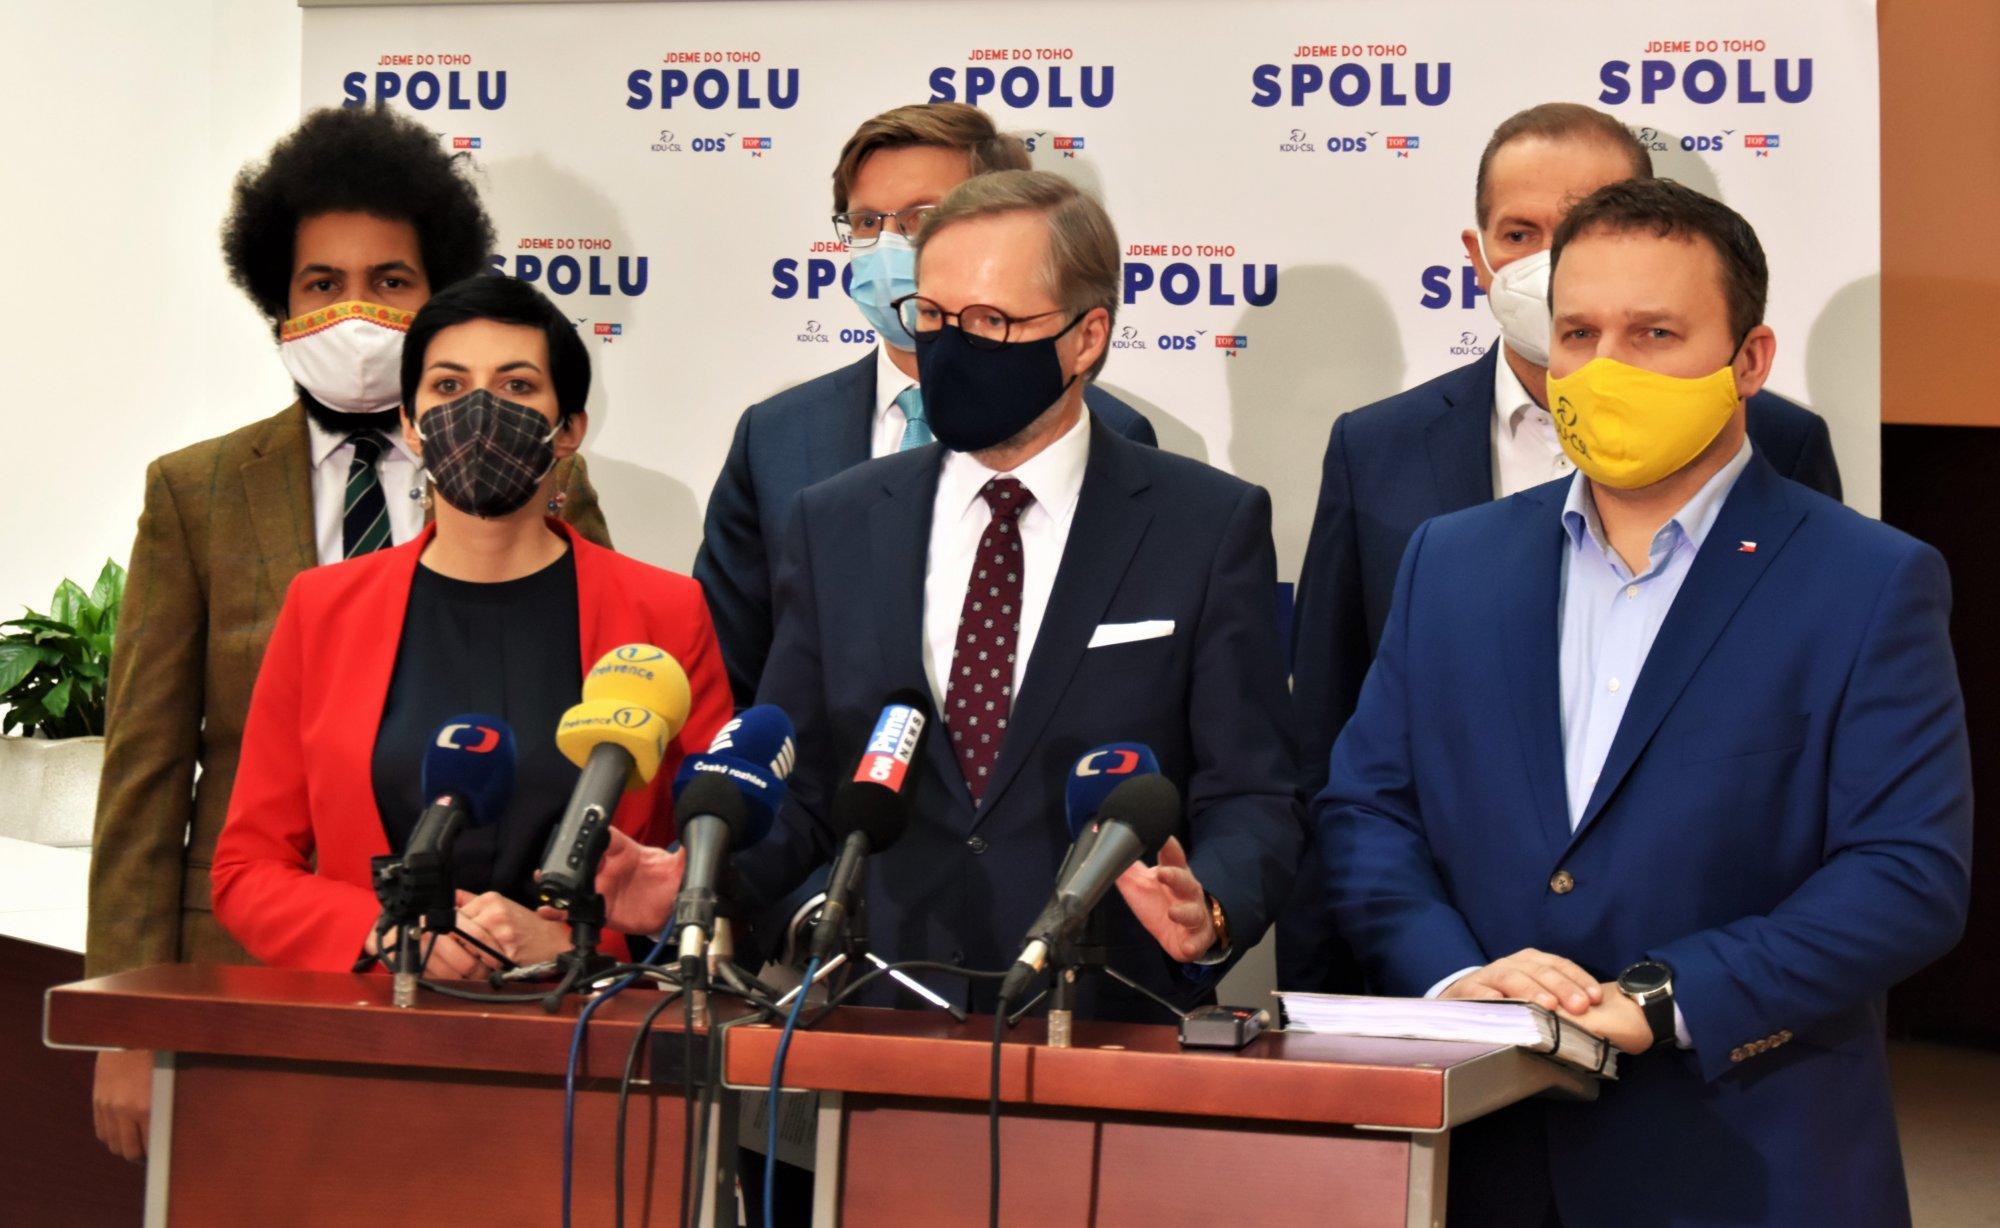 ODS, KDU-ČSL, TOP 09: Další prodloužení nouzového stavu nemůžeme podpořit